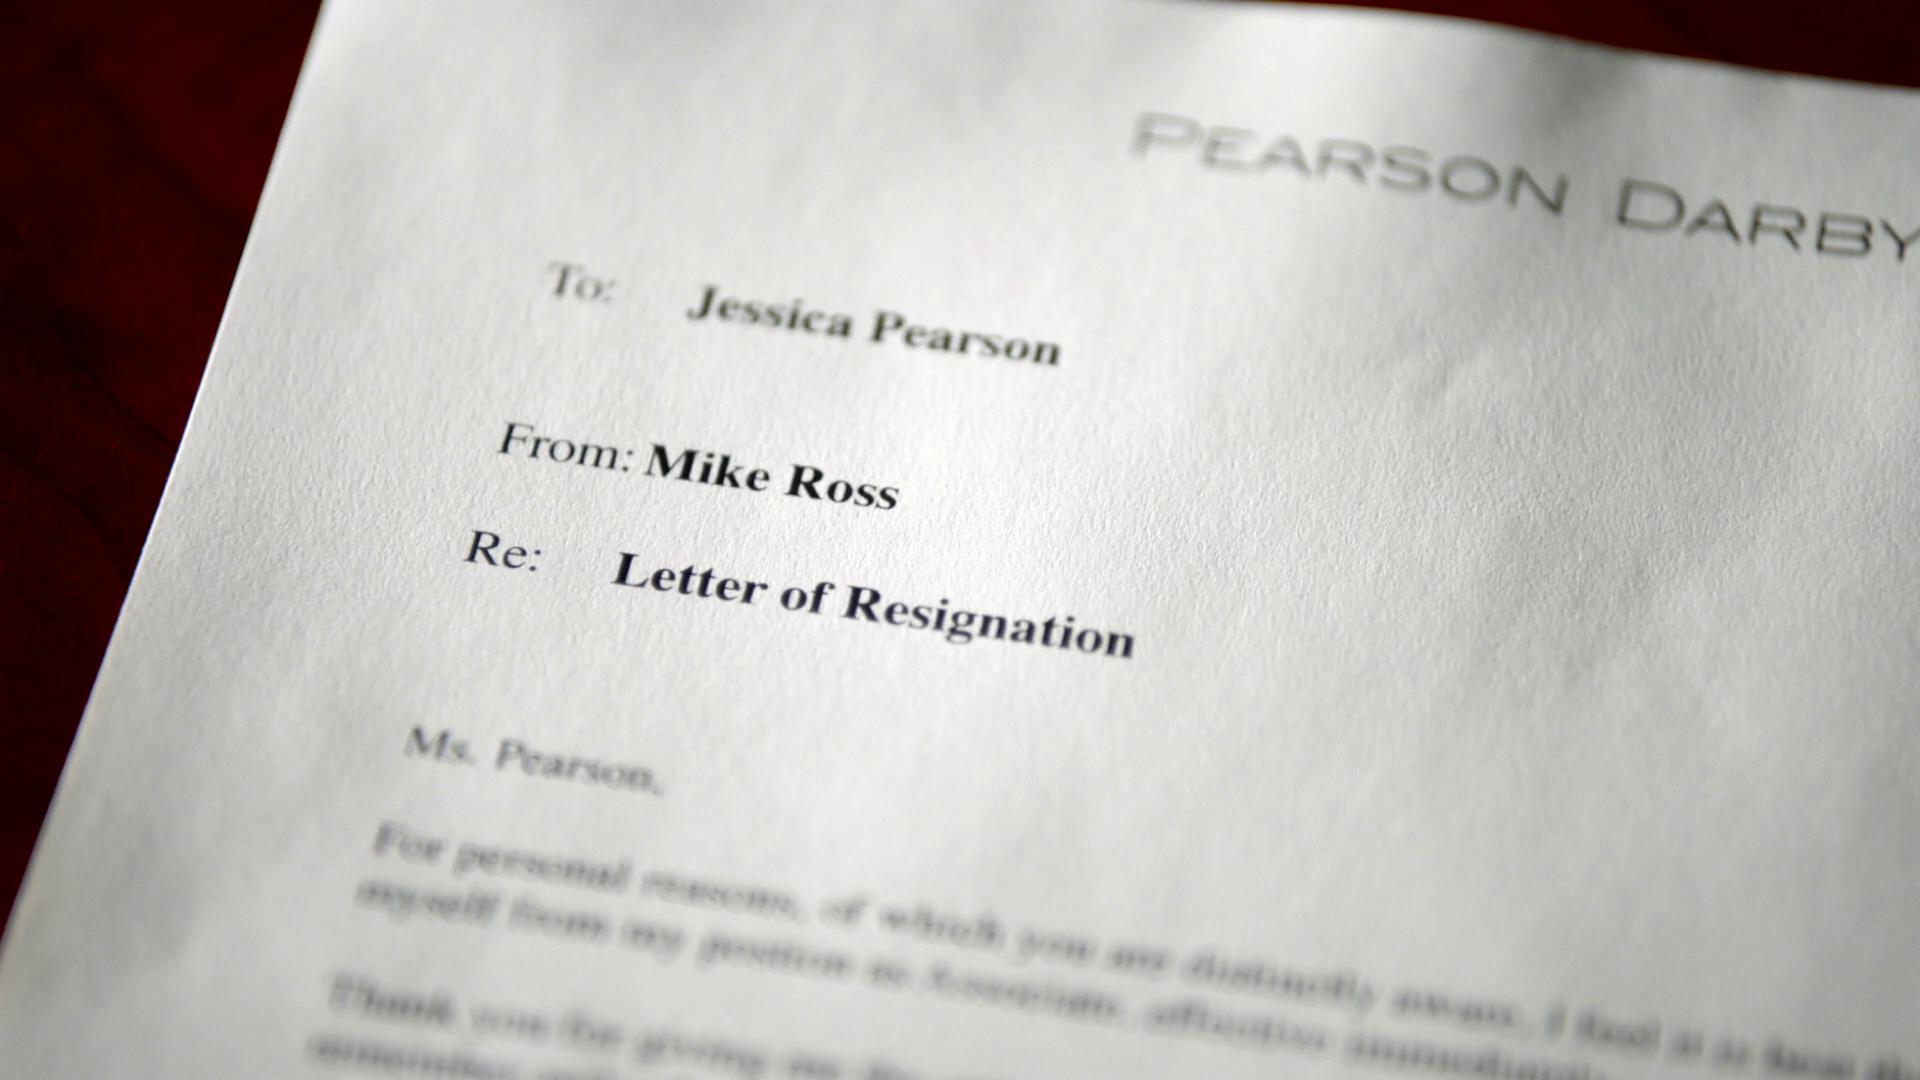 Resignation letter wiki images letter format formal